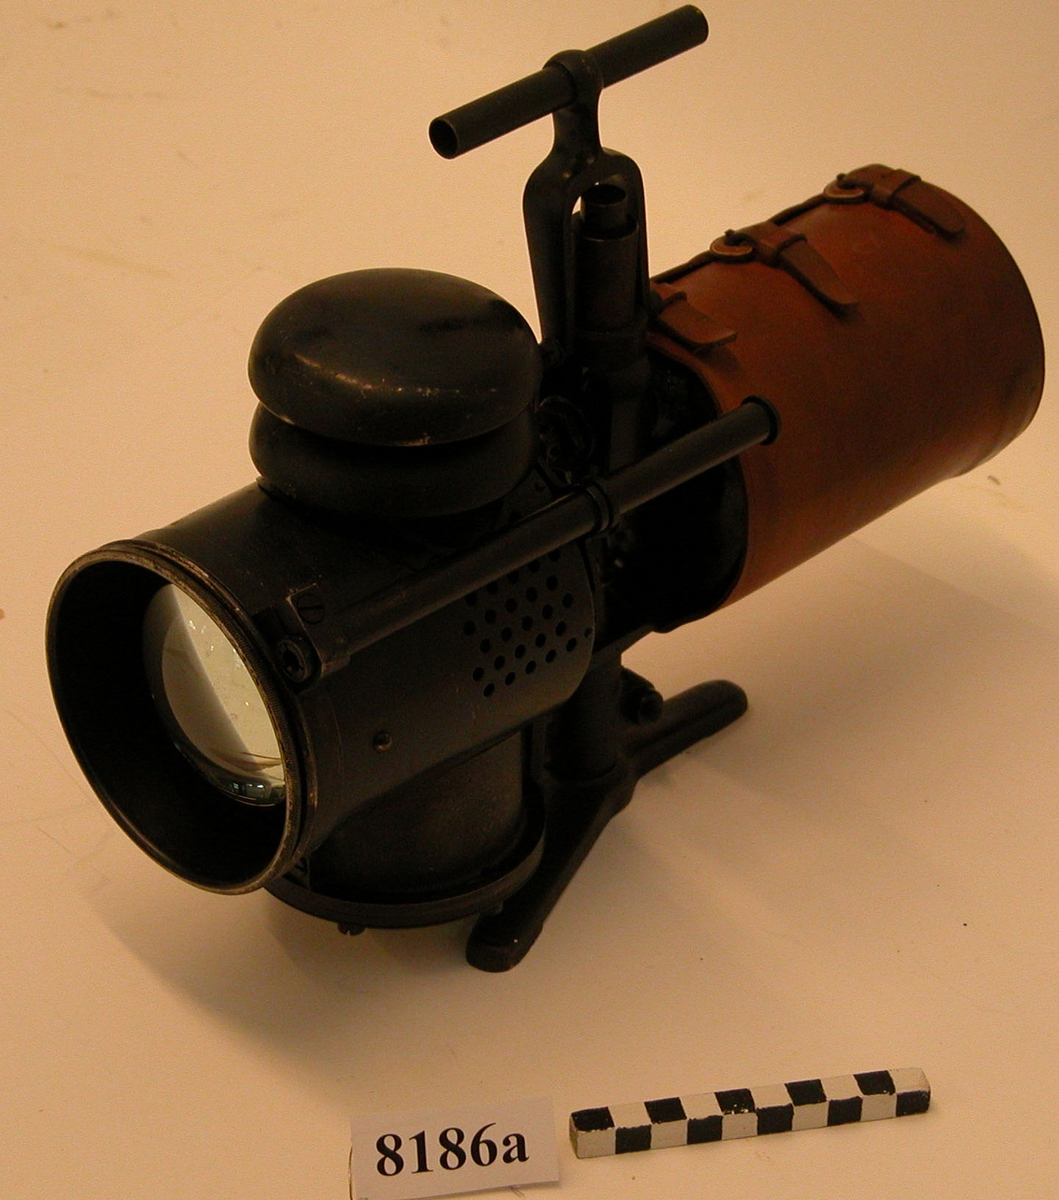 """För acetylengas. Lanterna av järnplåt, cylindrisk med en skjutbar mässingsfläns framför linsen, stativ och ett fällbart handtag av järn. Till lanternan är en acetylenbehållare ansluten. Ett läderhölje omsluter behållaren. Svartmålad. Mellan lanterna och behållare sitter på stativet en liten mätare med texterna """"Kg.pr.qcm"""", visare med skala 0-30, """"GASACCUMULATOR"""" och """"STOCKHOLM"""". På lampans högra sida en metallskylt med texten """"GASACCUMULATOR STOCKHOLM PATENT"""". På den nedersta flänsen på lampan är siffrorna 511 instansade. På lampans vänstra sida ett siktrör."""